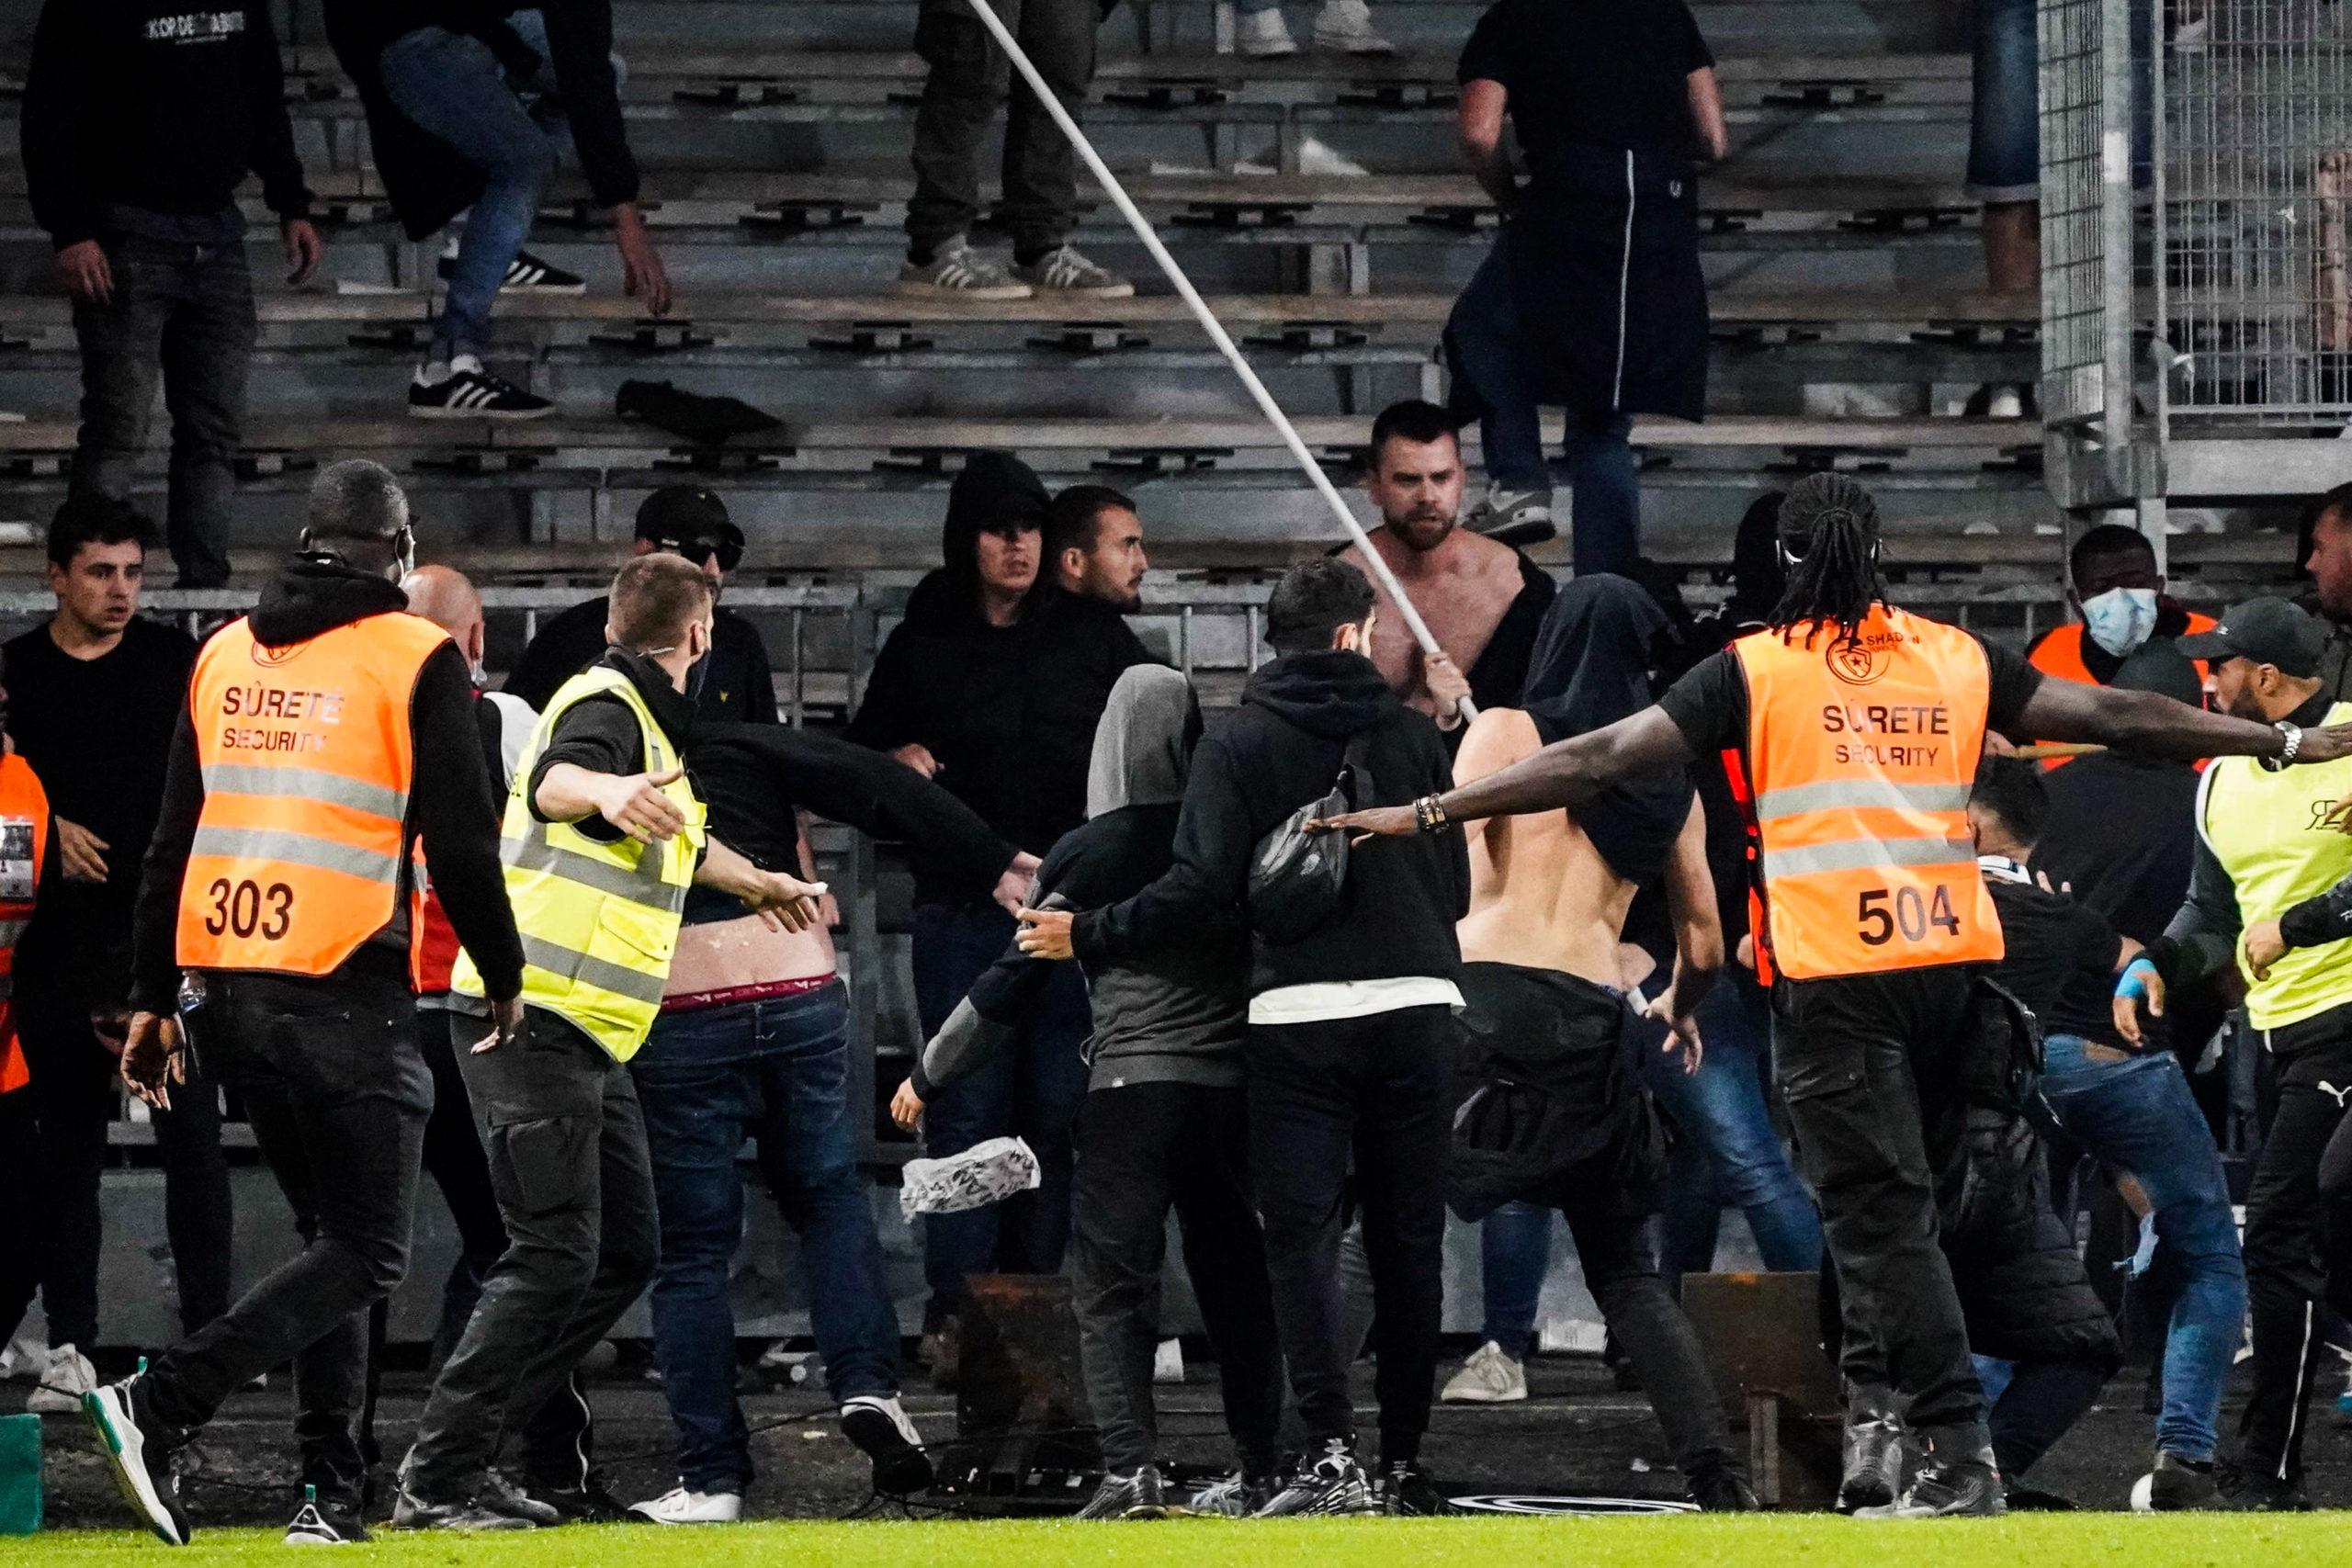 Angers/OM (0-0) - Bagarres entre ultras à la fin de la rencontre